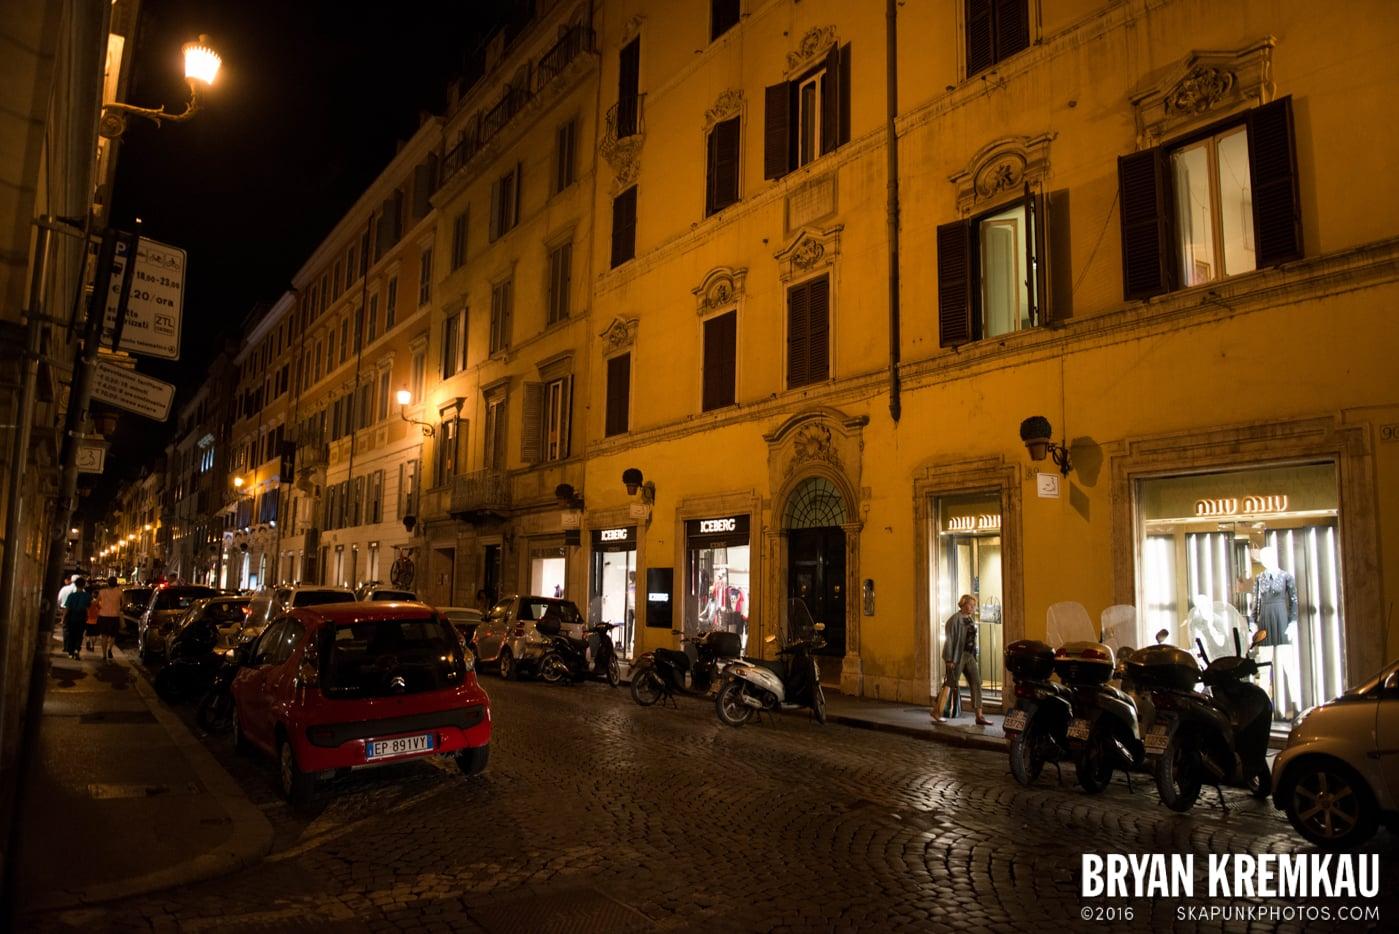 Italy Vacation - Day 3: Rome - 9.11.13 (4)